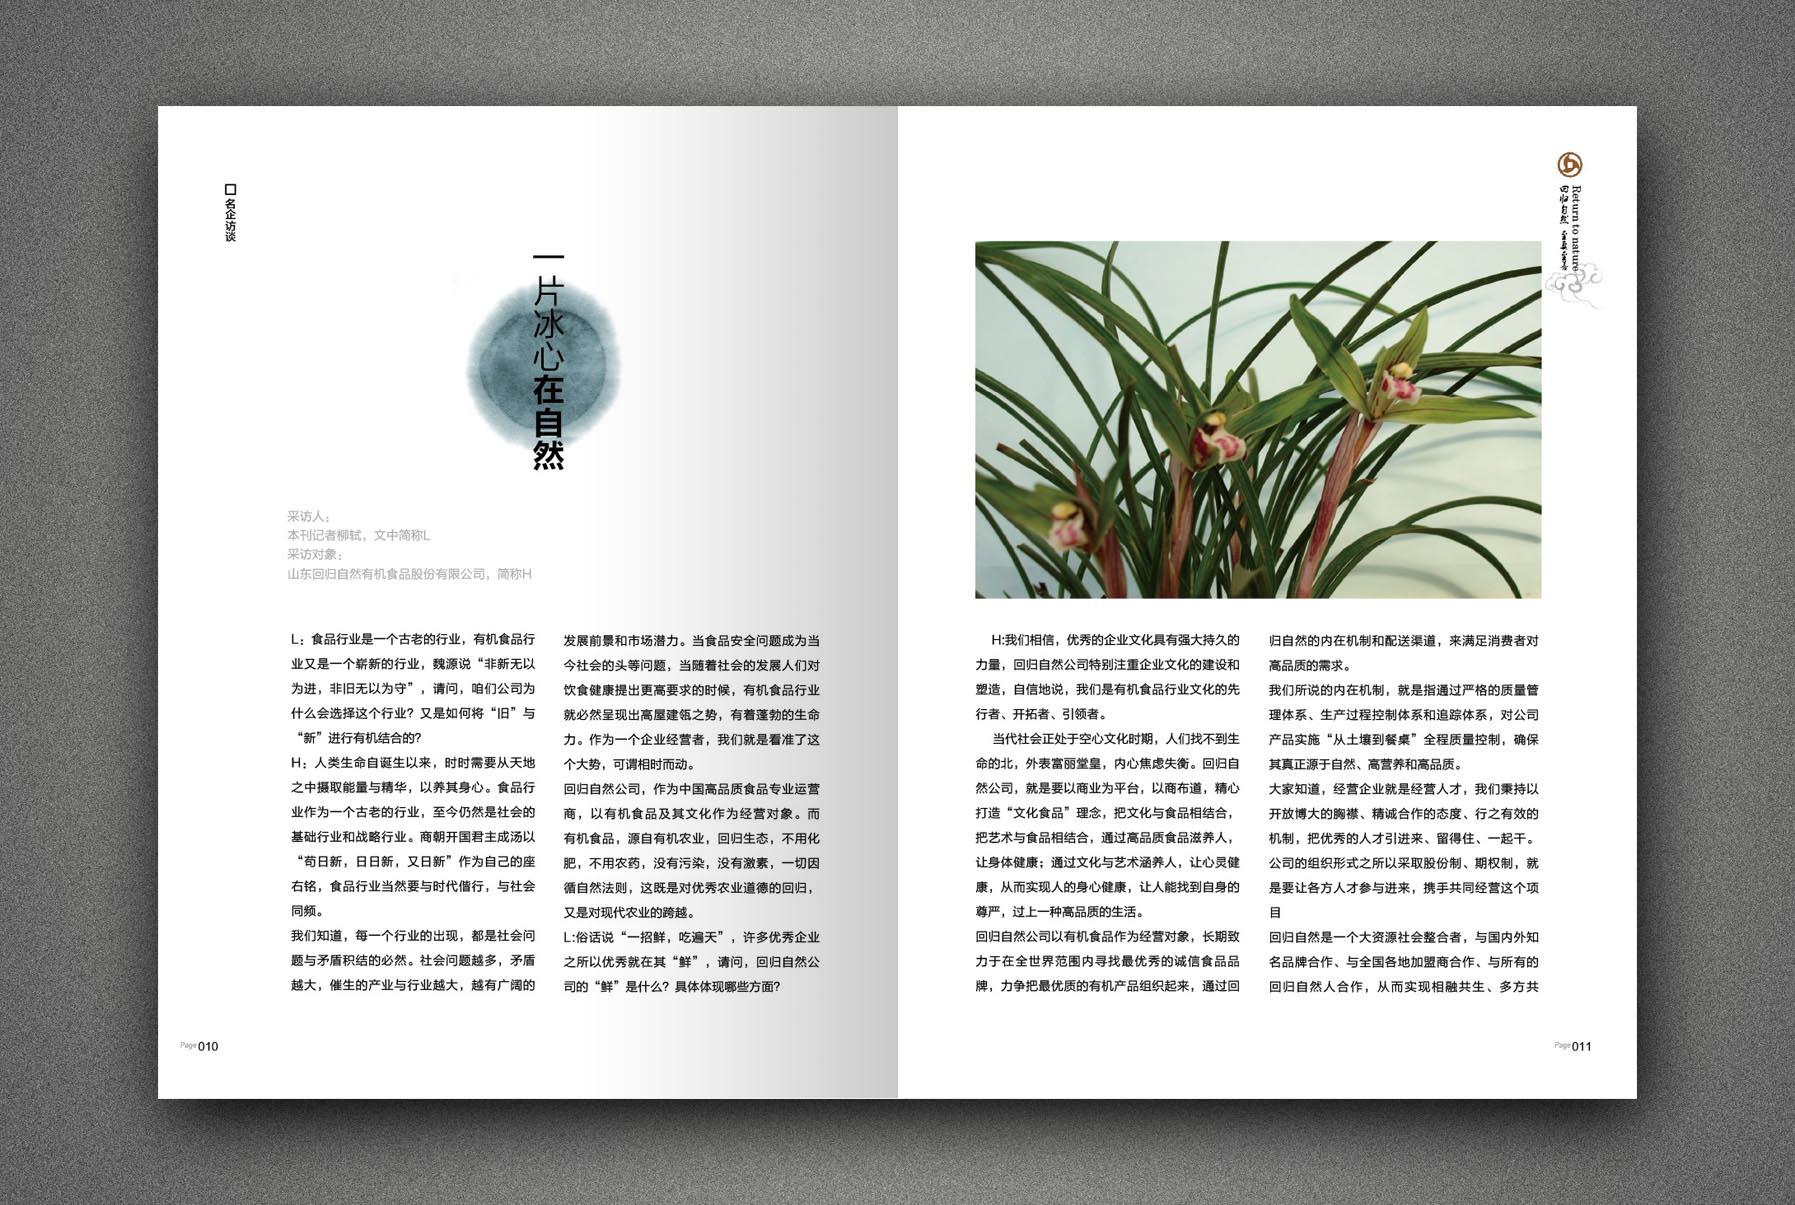 采用传统手法的杂志设计